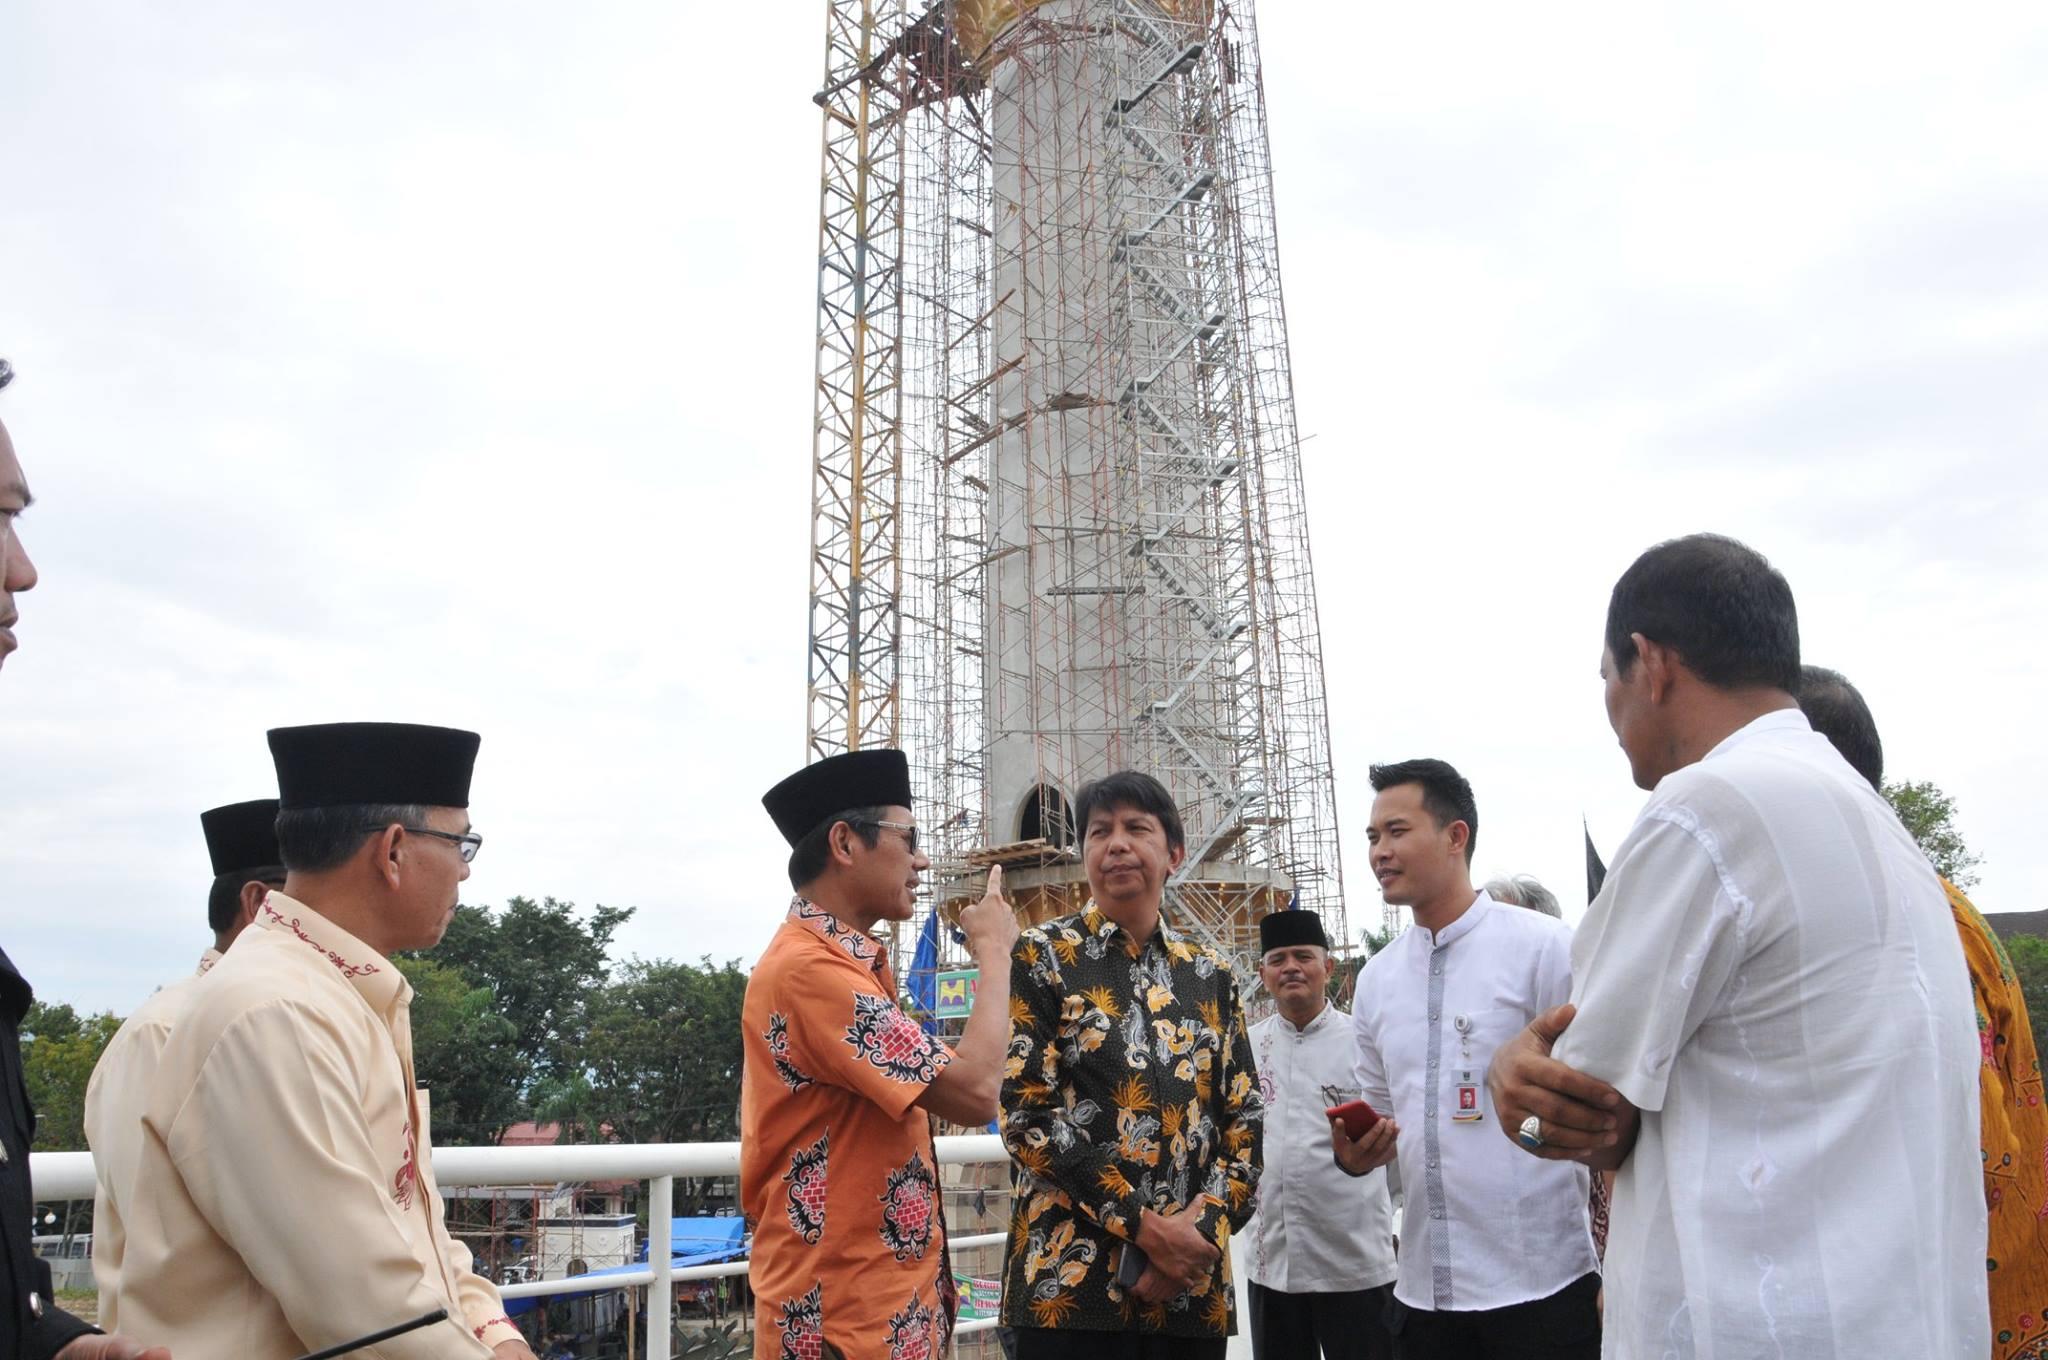 Gubernur Irwan Prayitno Tinjau Pembangunan Menara Masjid Raya